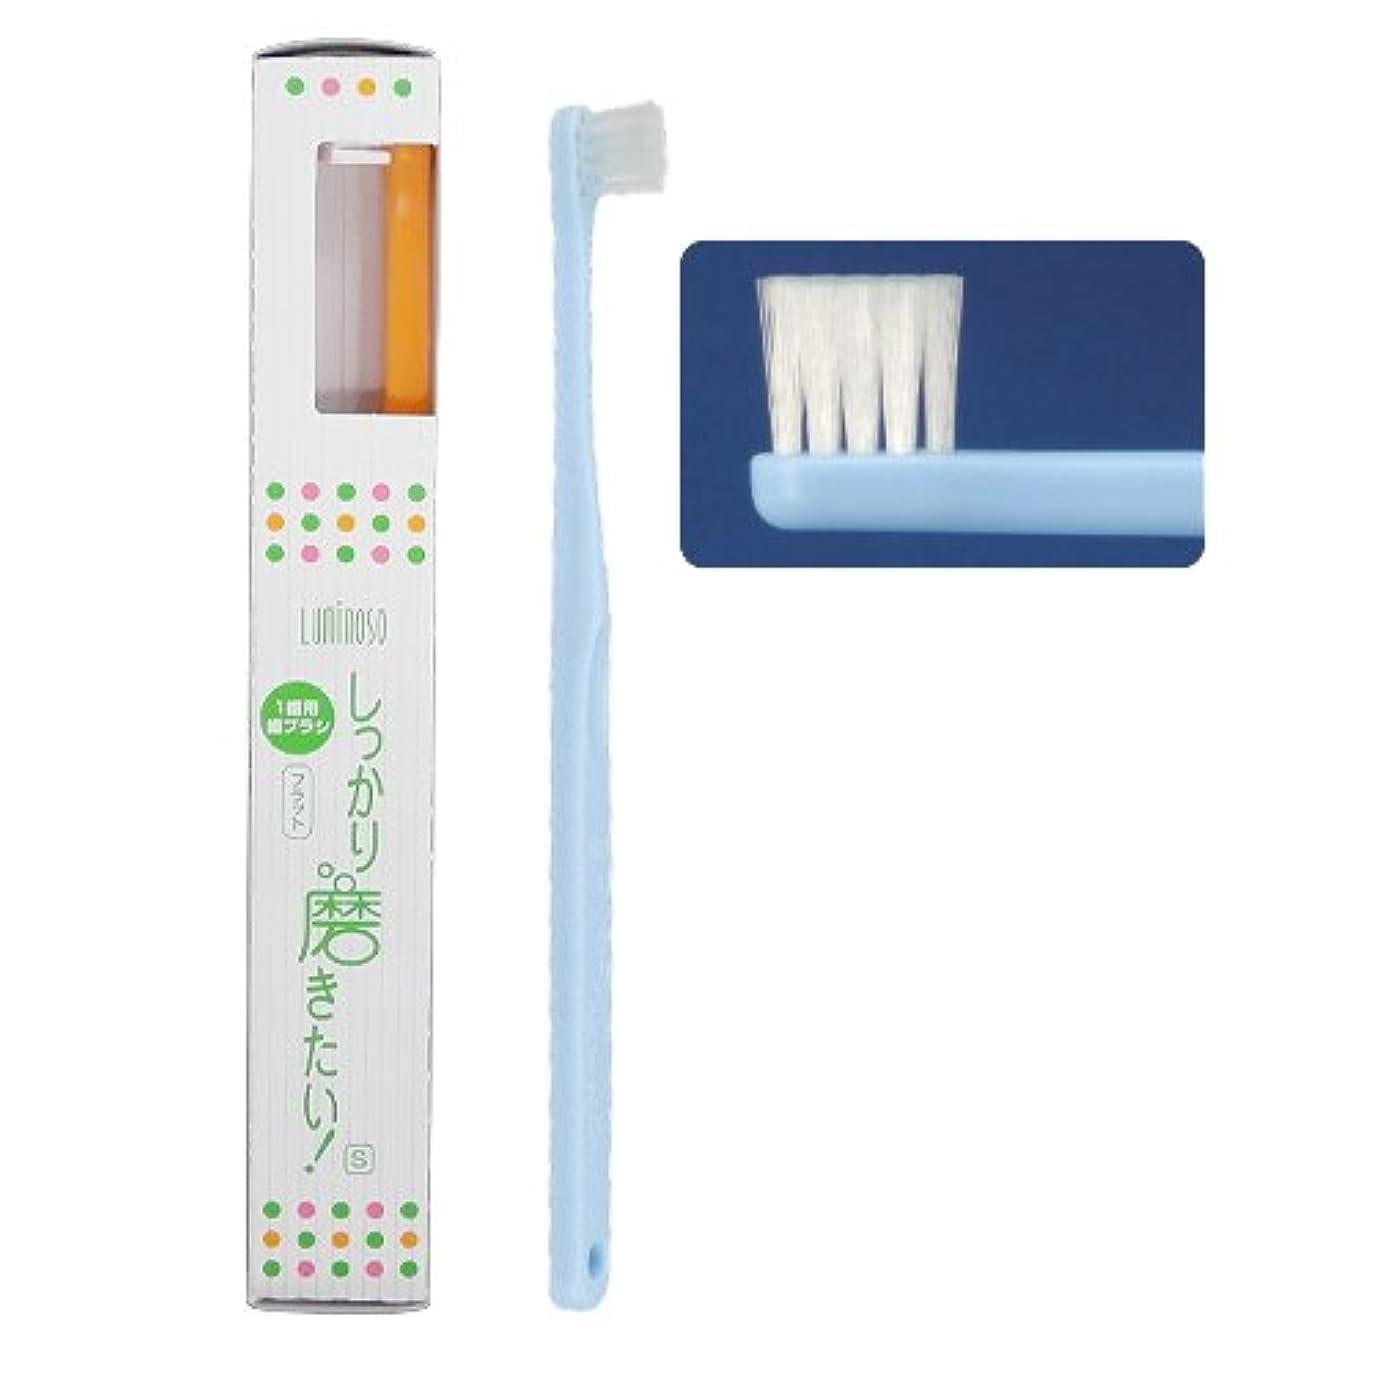 グラマーオーロックリダクタールミノソ 1歯用歯ブラシ 「しっかり磨きたい!」 フラット/ソフト